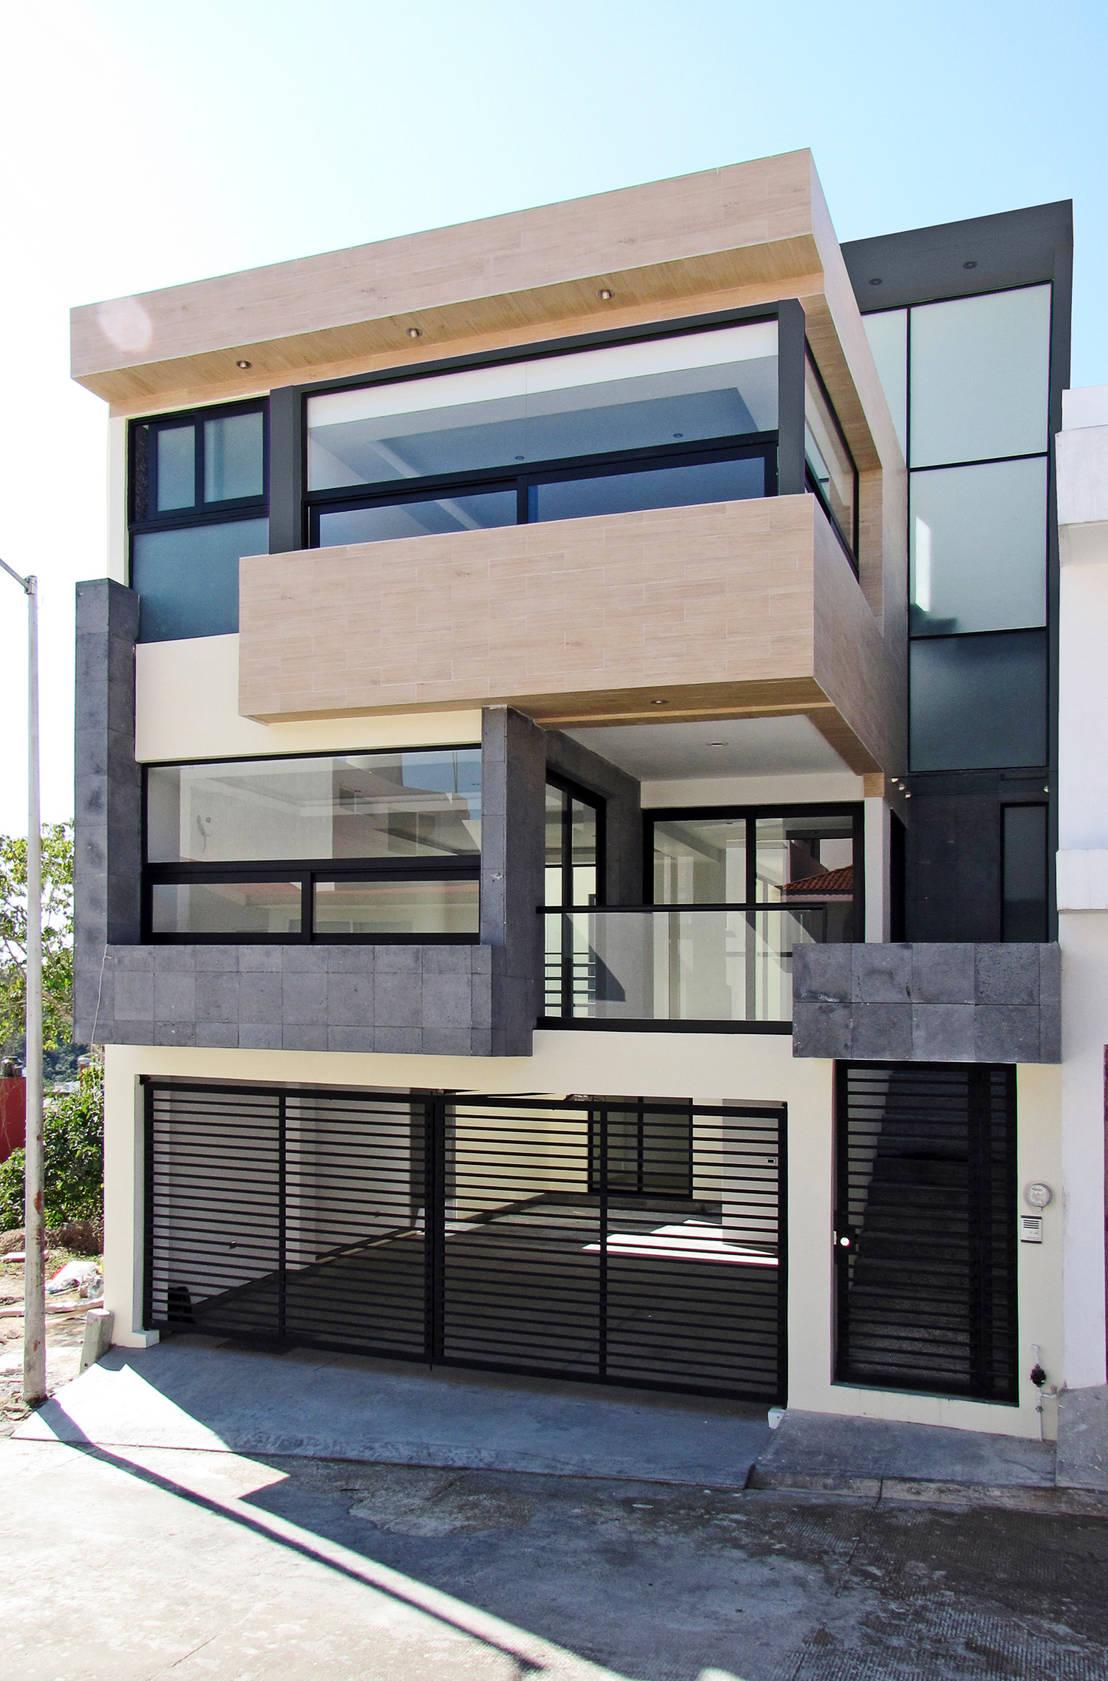 Una casa con estilo - Casas con estilo ...